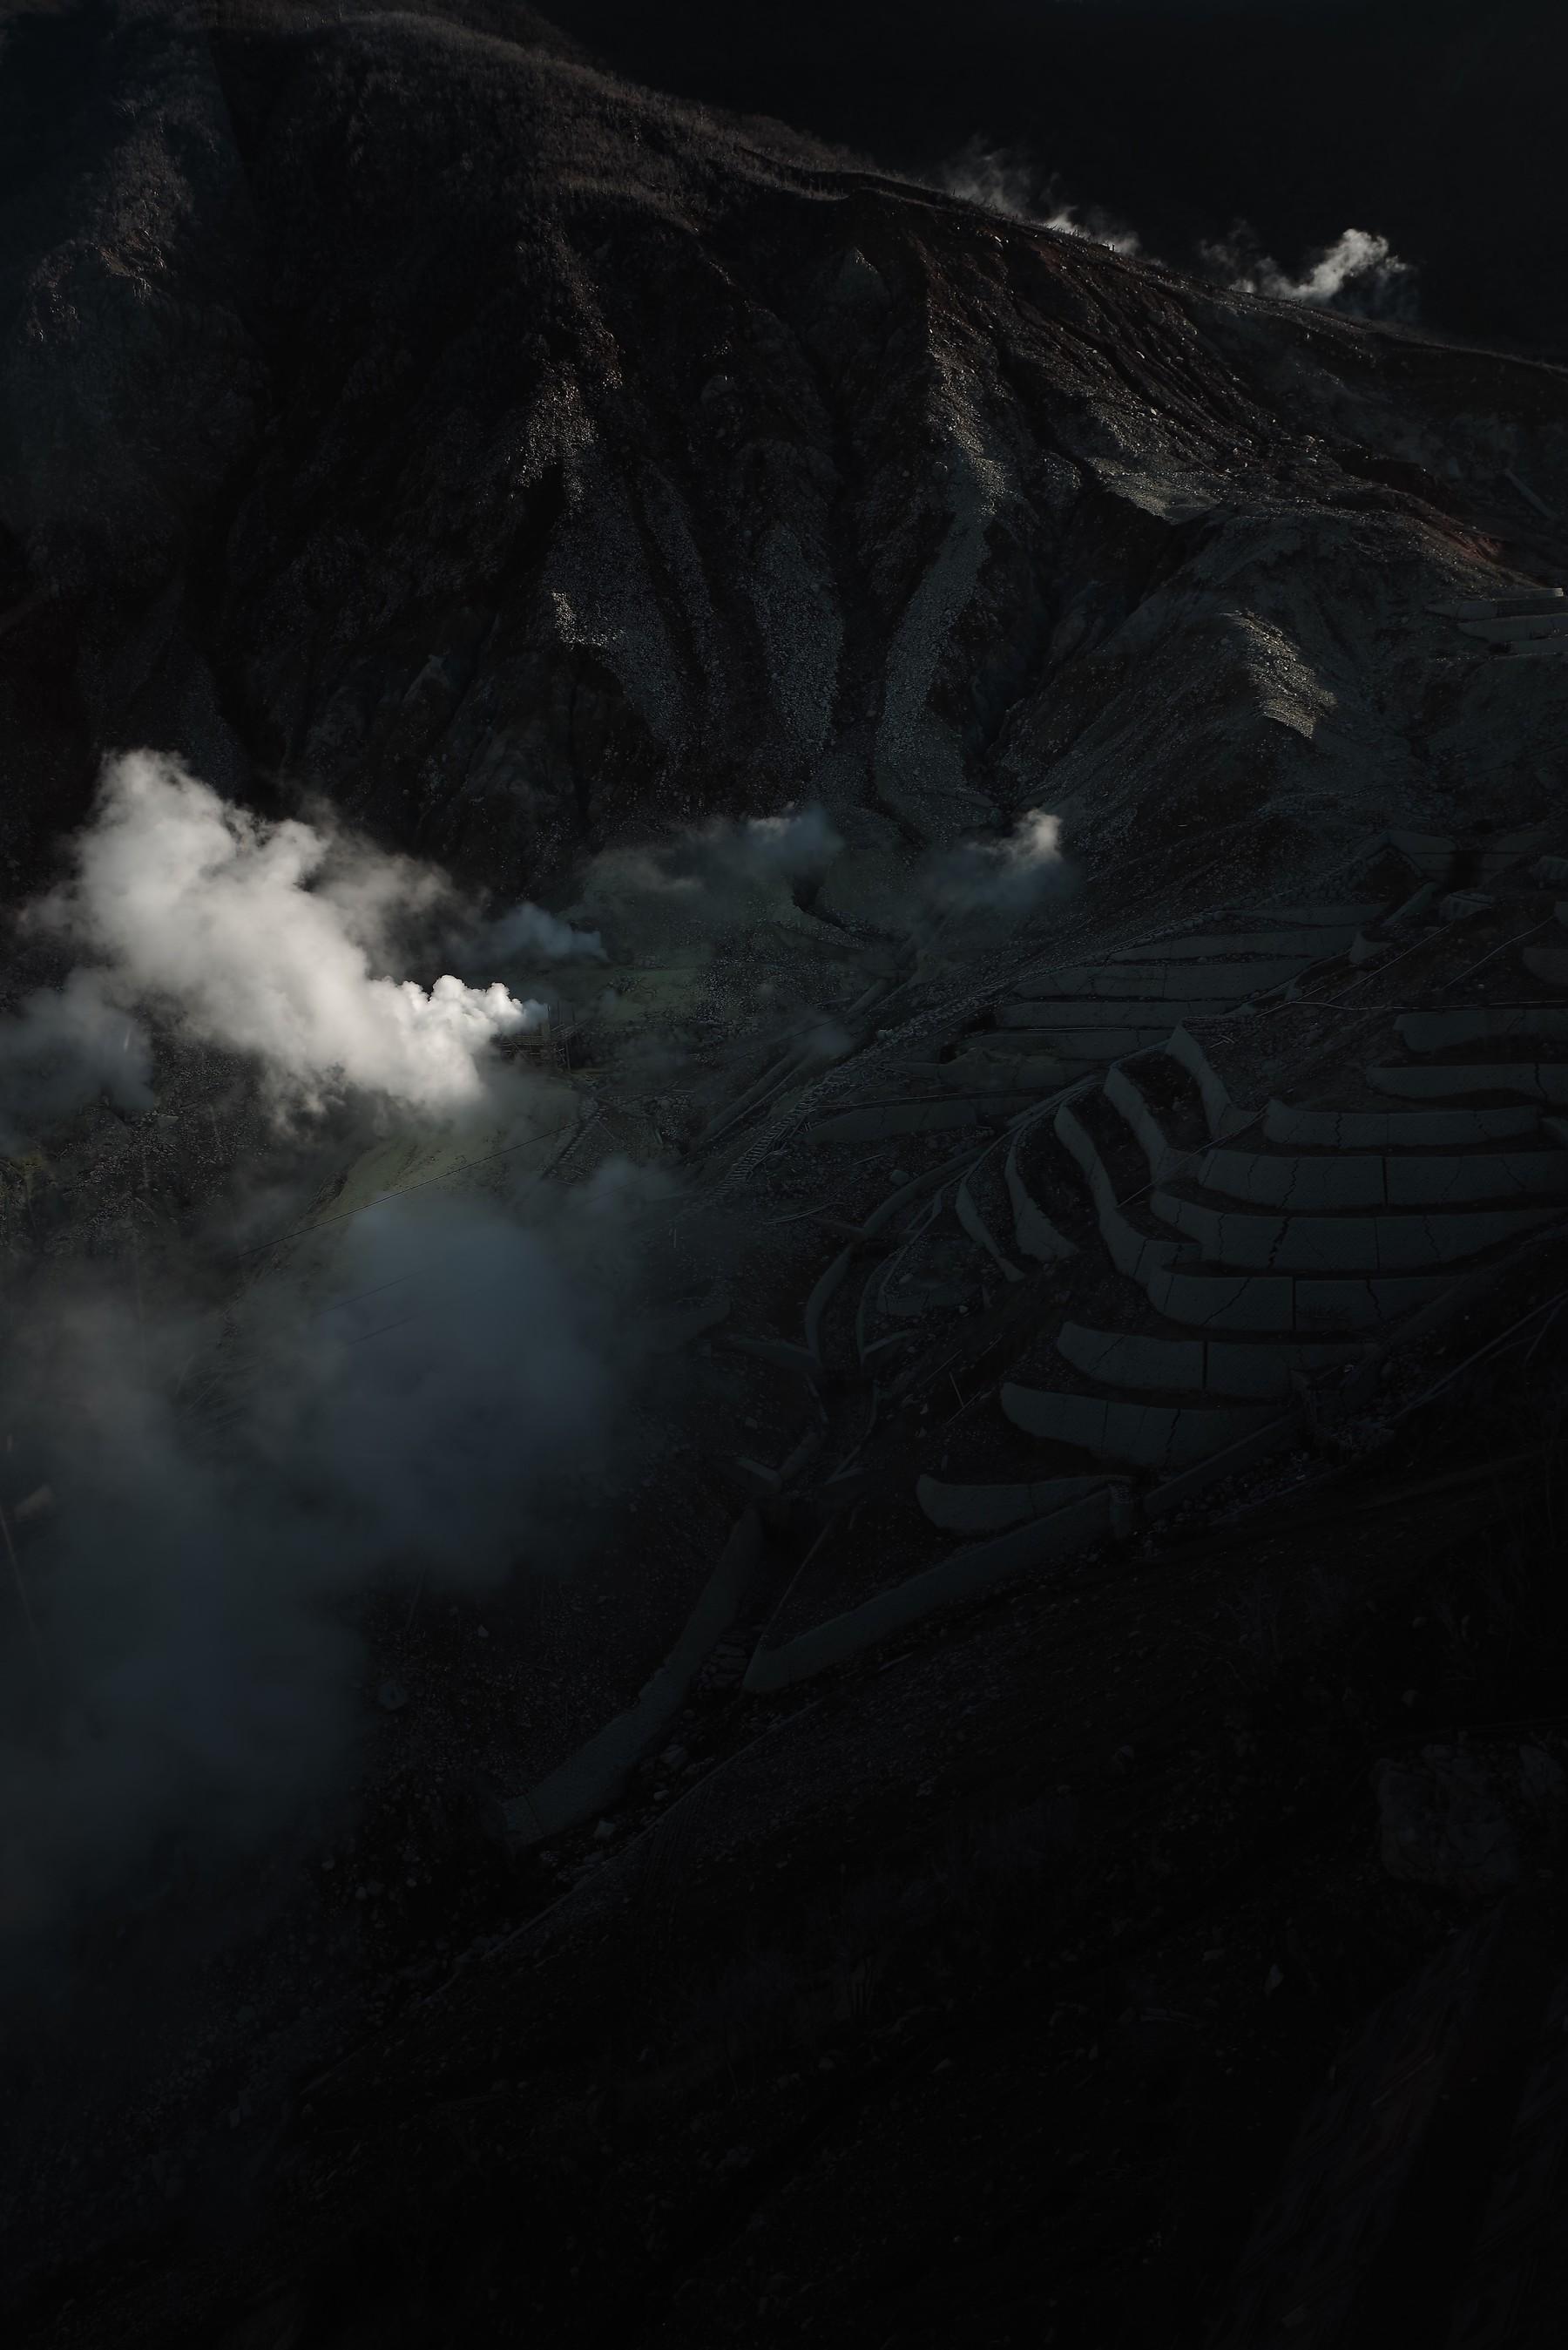 大涌谷で噴出する蒸気の作例写真